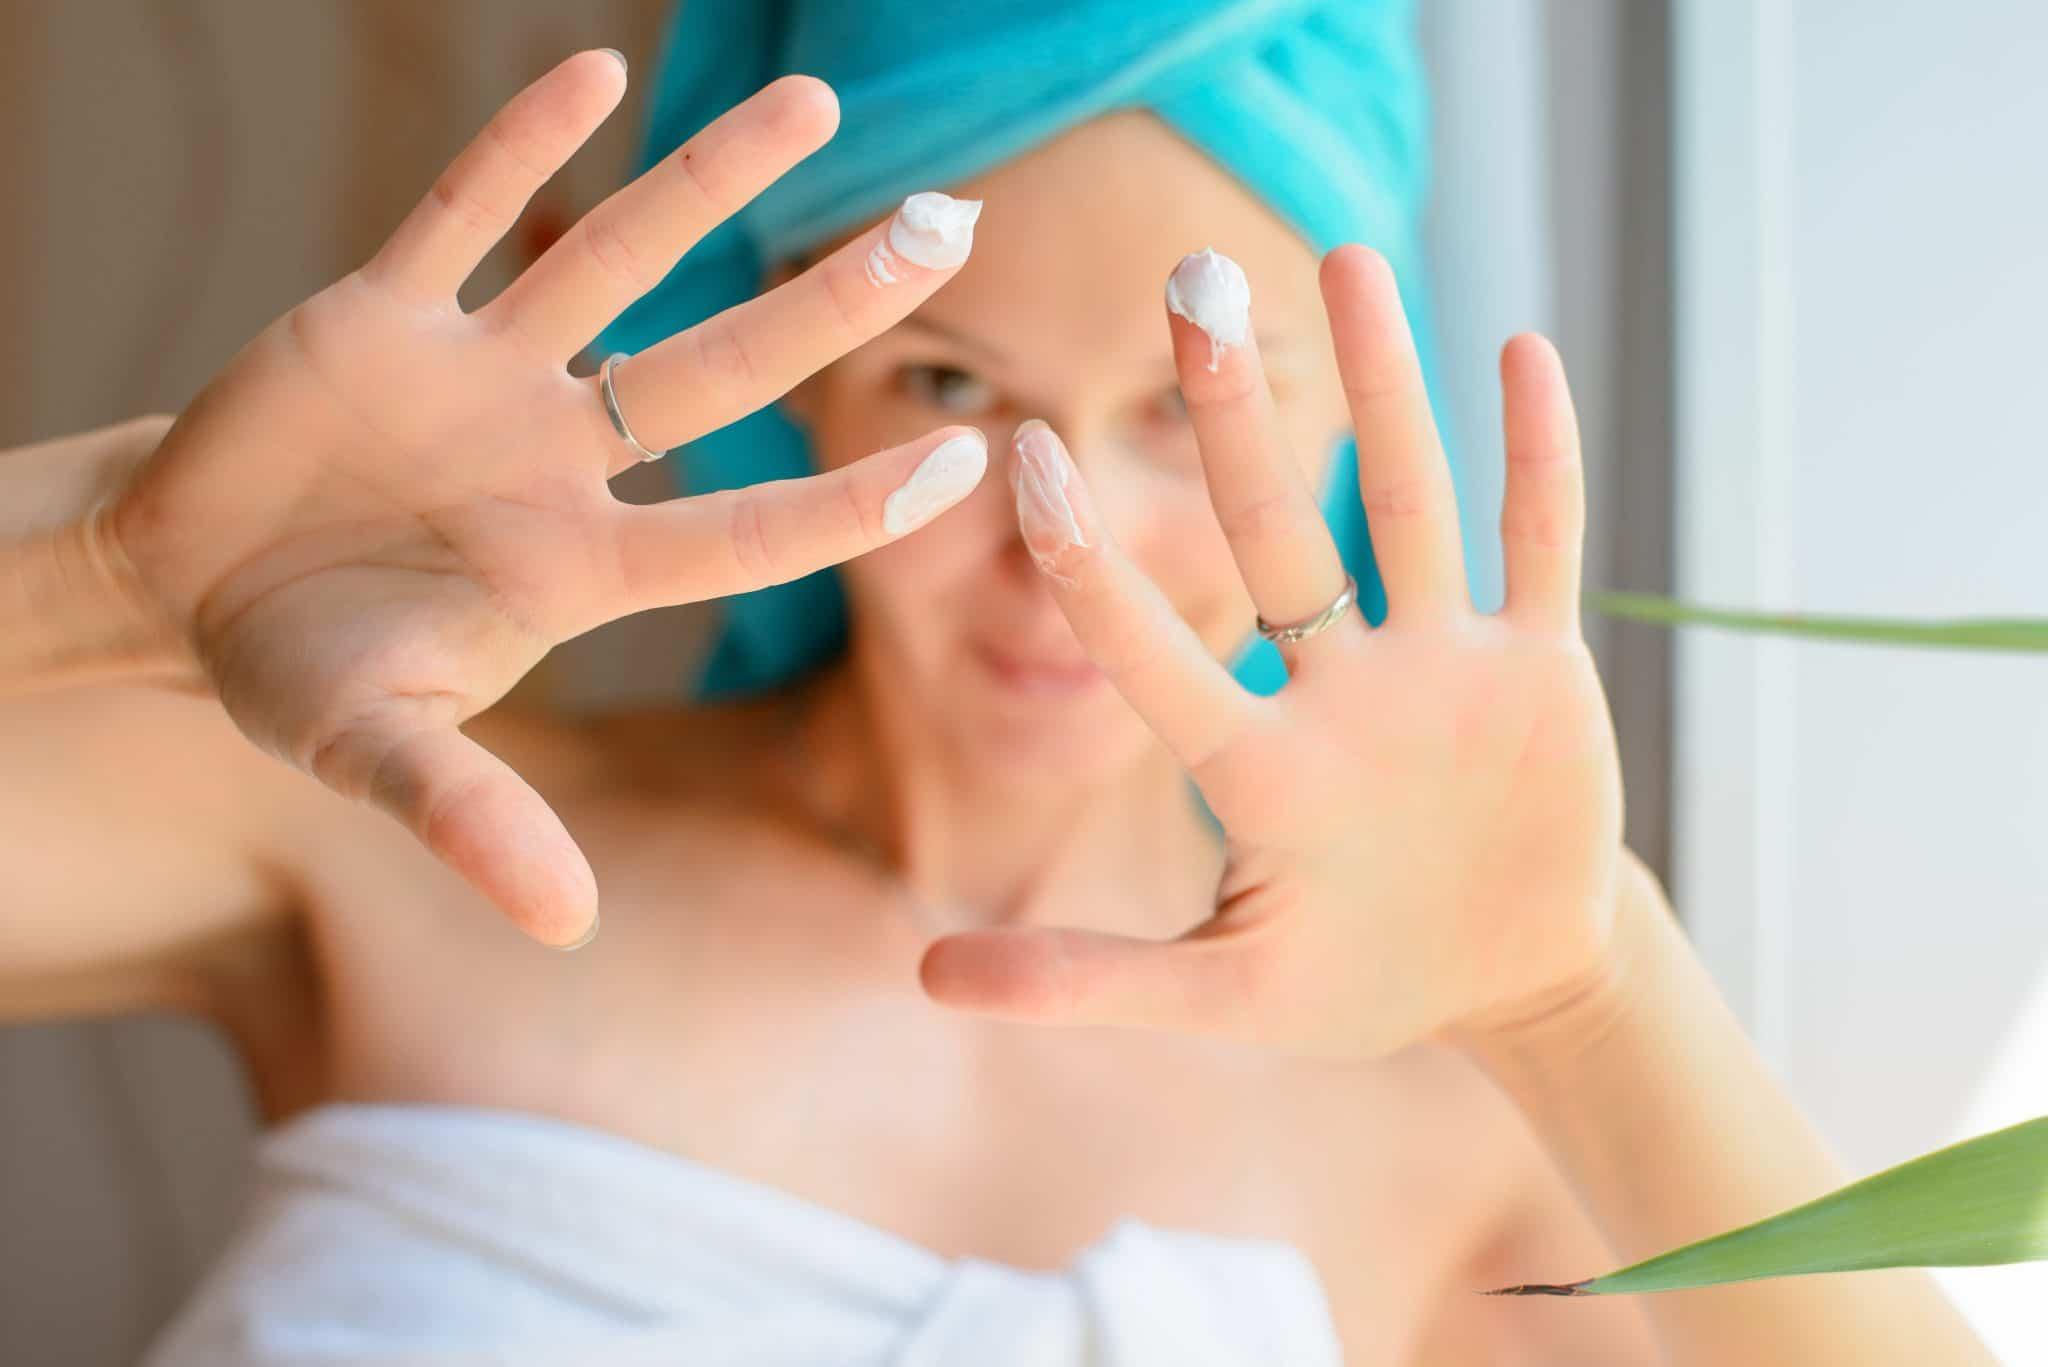 La Roche Posay s'engage pour les peaux sensibles